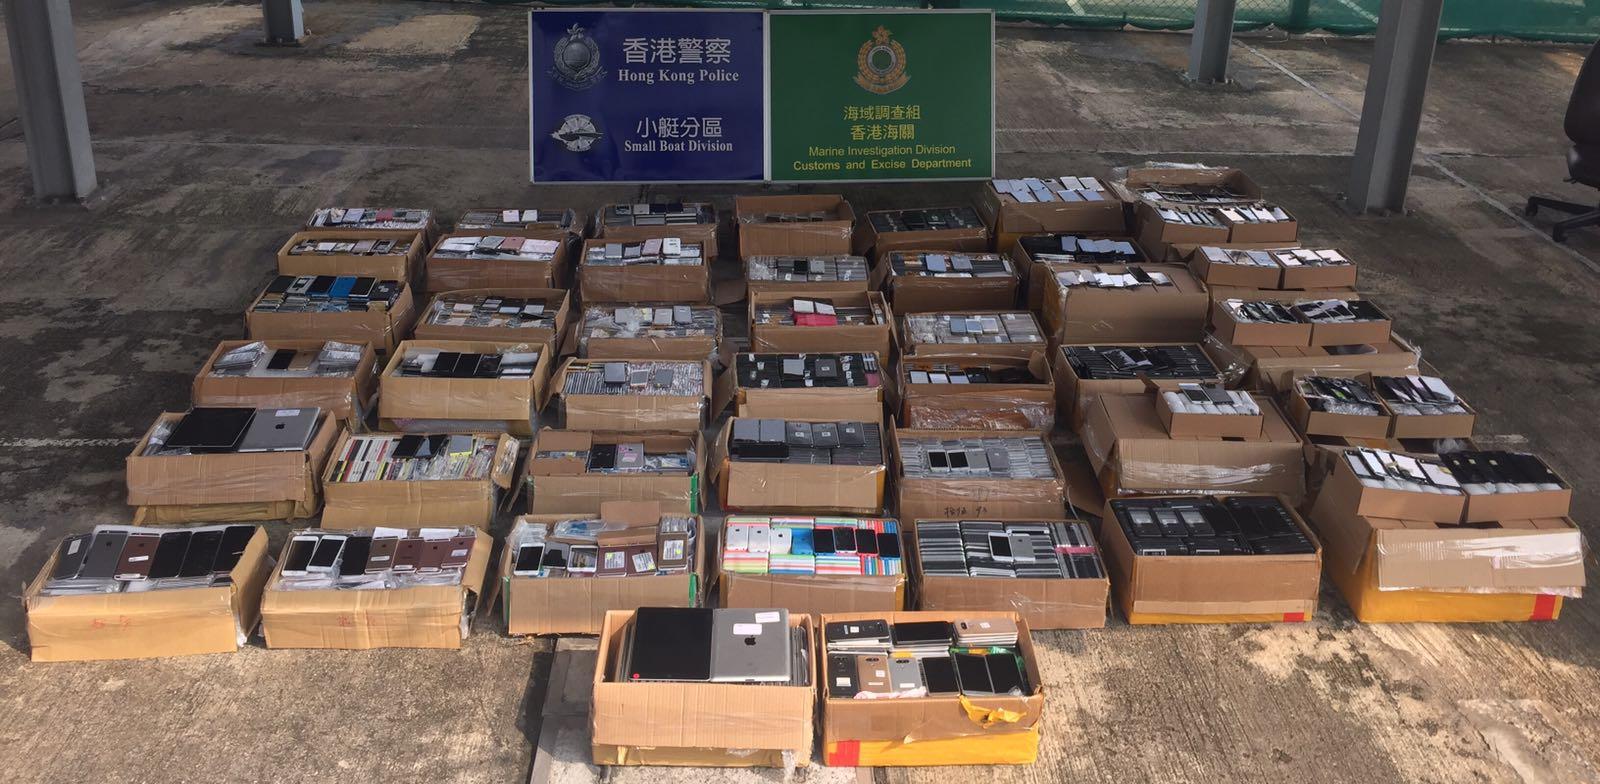 水警及海關在船上檢獲44箱電子零件。水警圖片